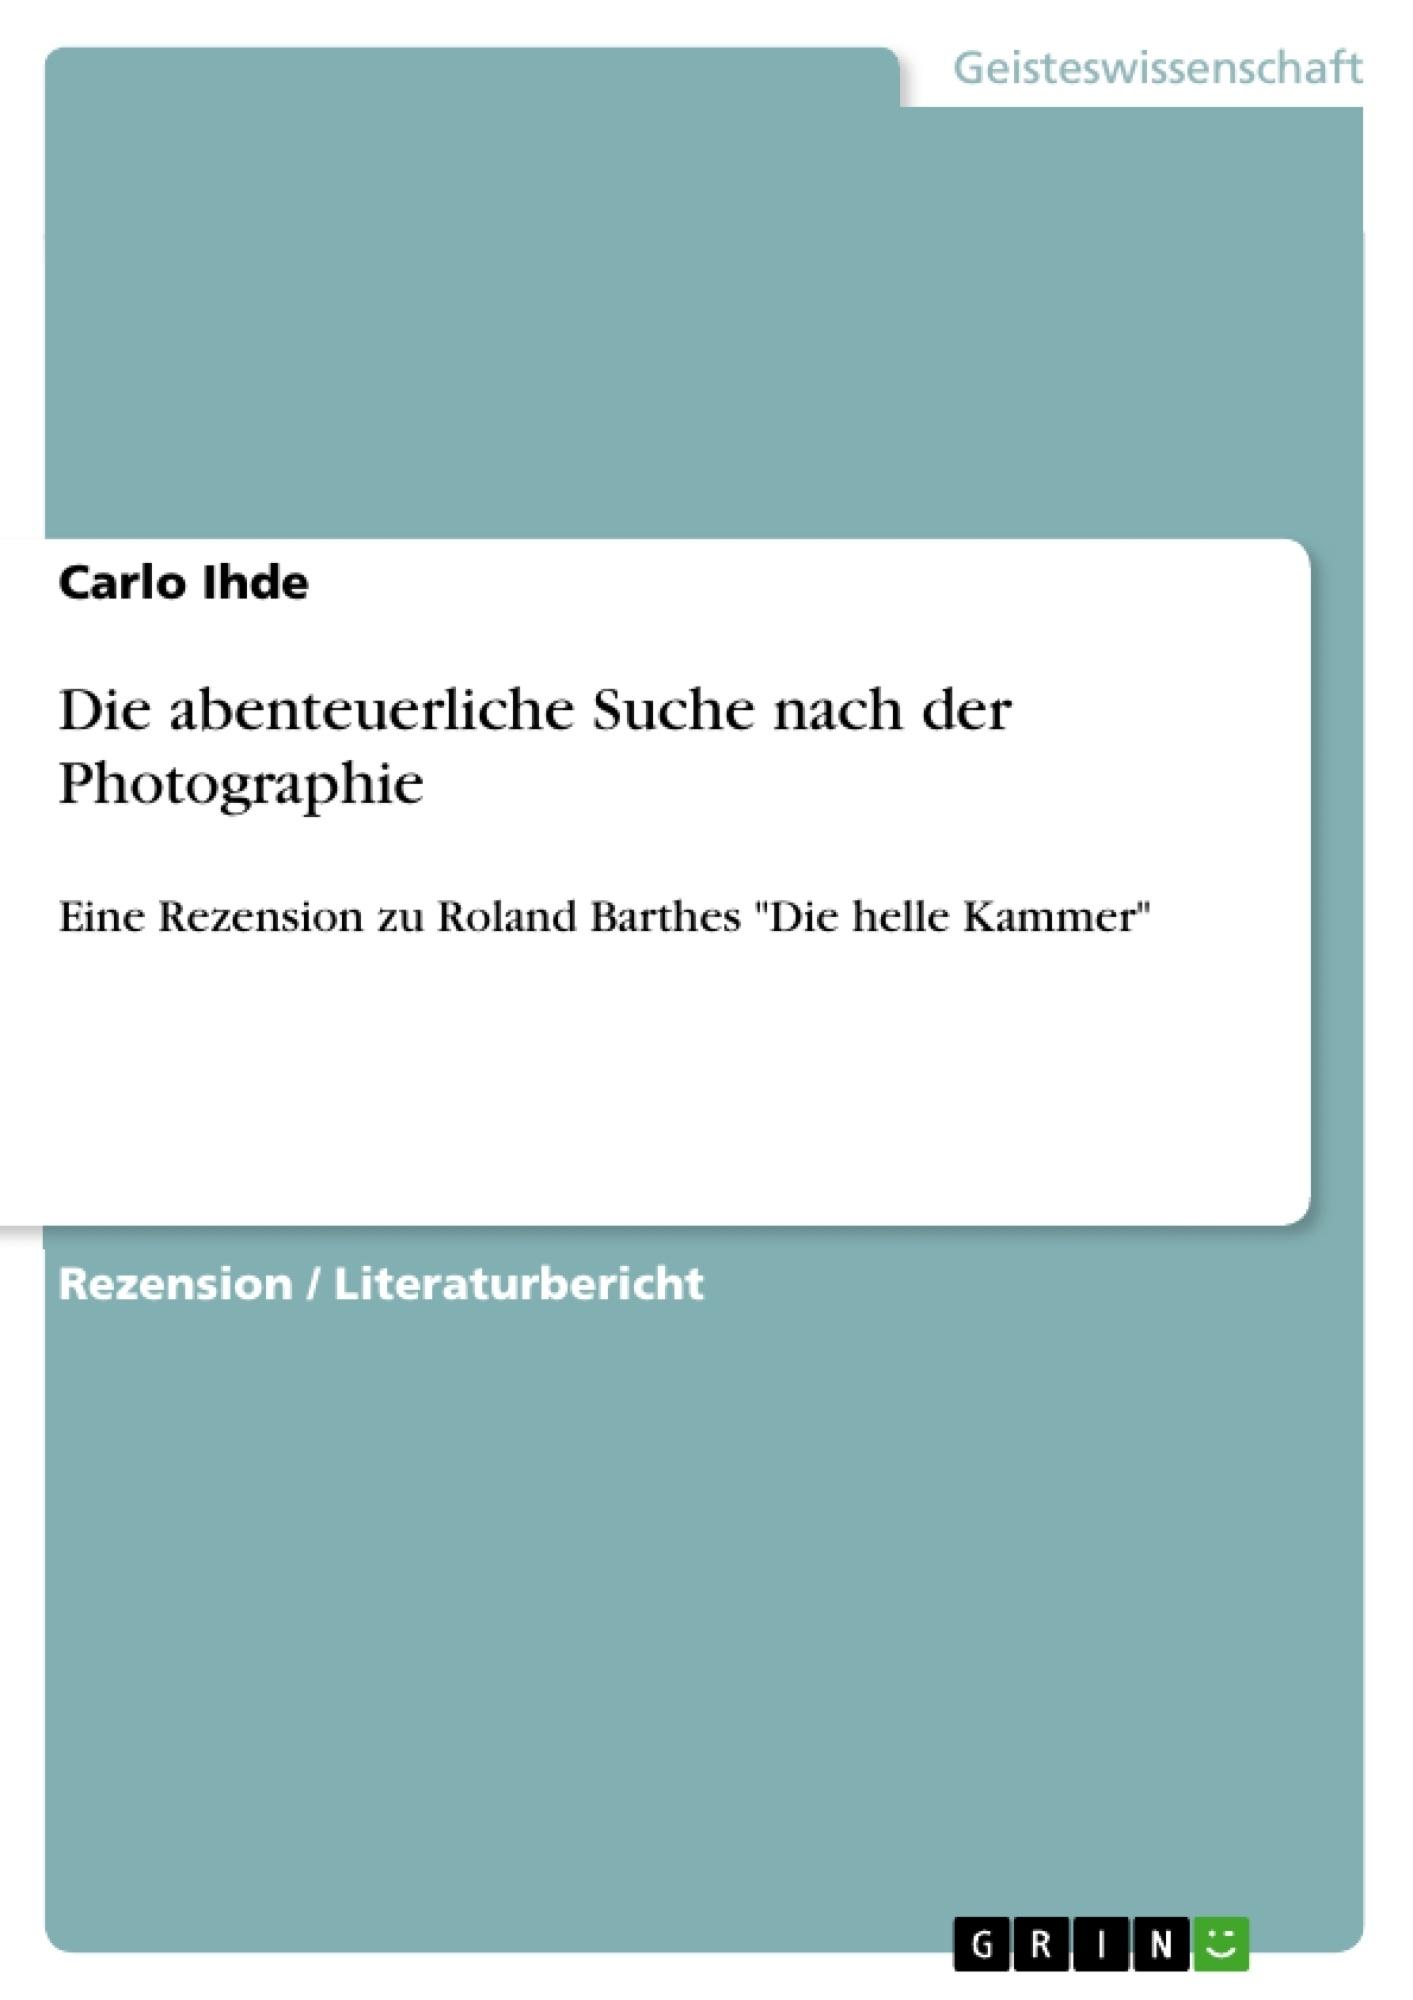 Titel: Die abenteuerliche Suche nach der Photographie